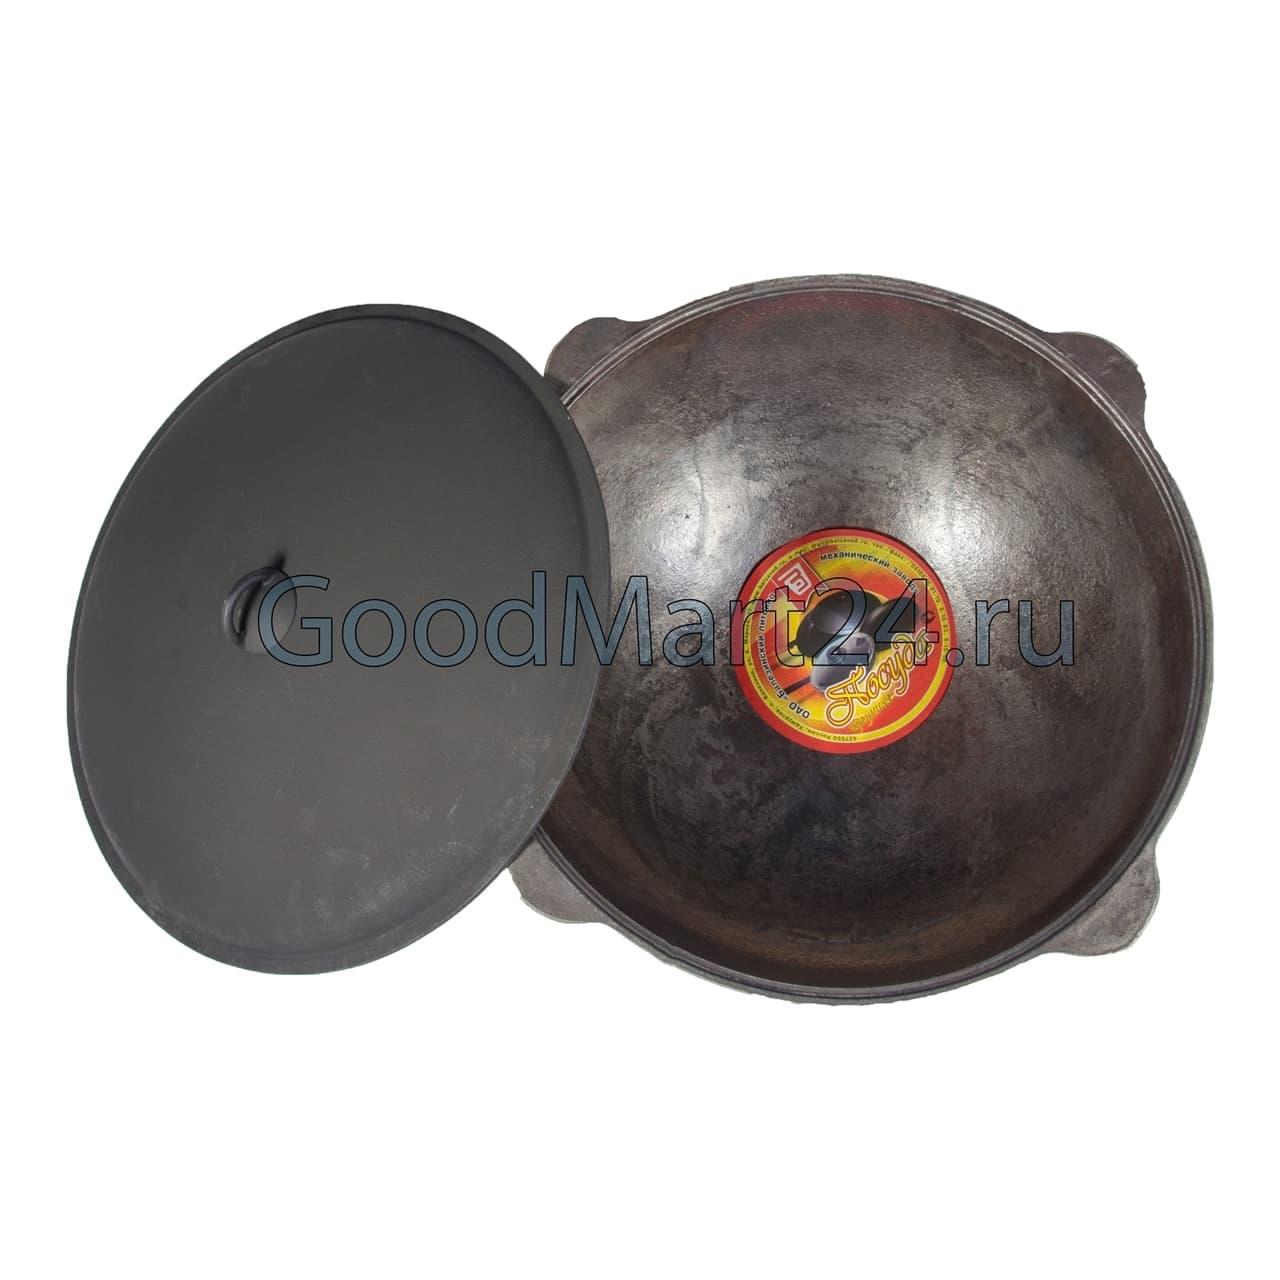 Чугунный казан 25 л. Балезинский ЛМЗ + Печь d-480 мм сталь 2 мм. - фото 4854